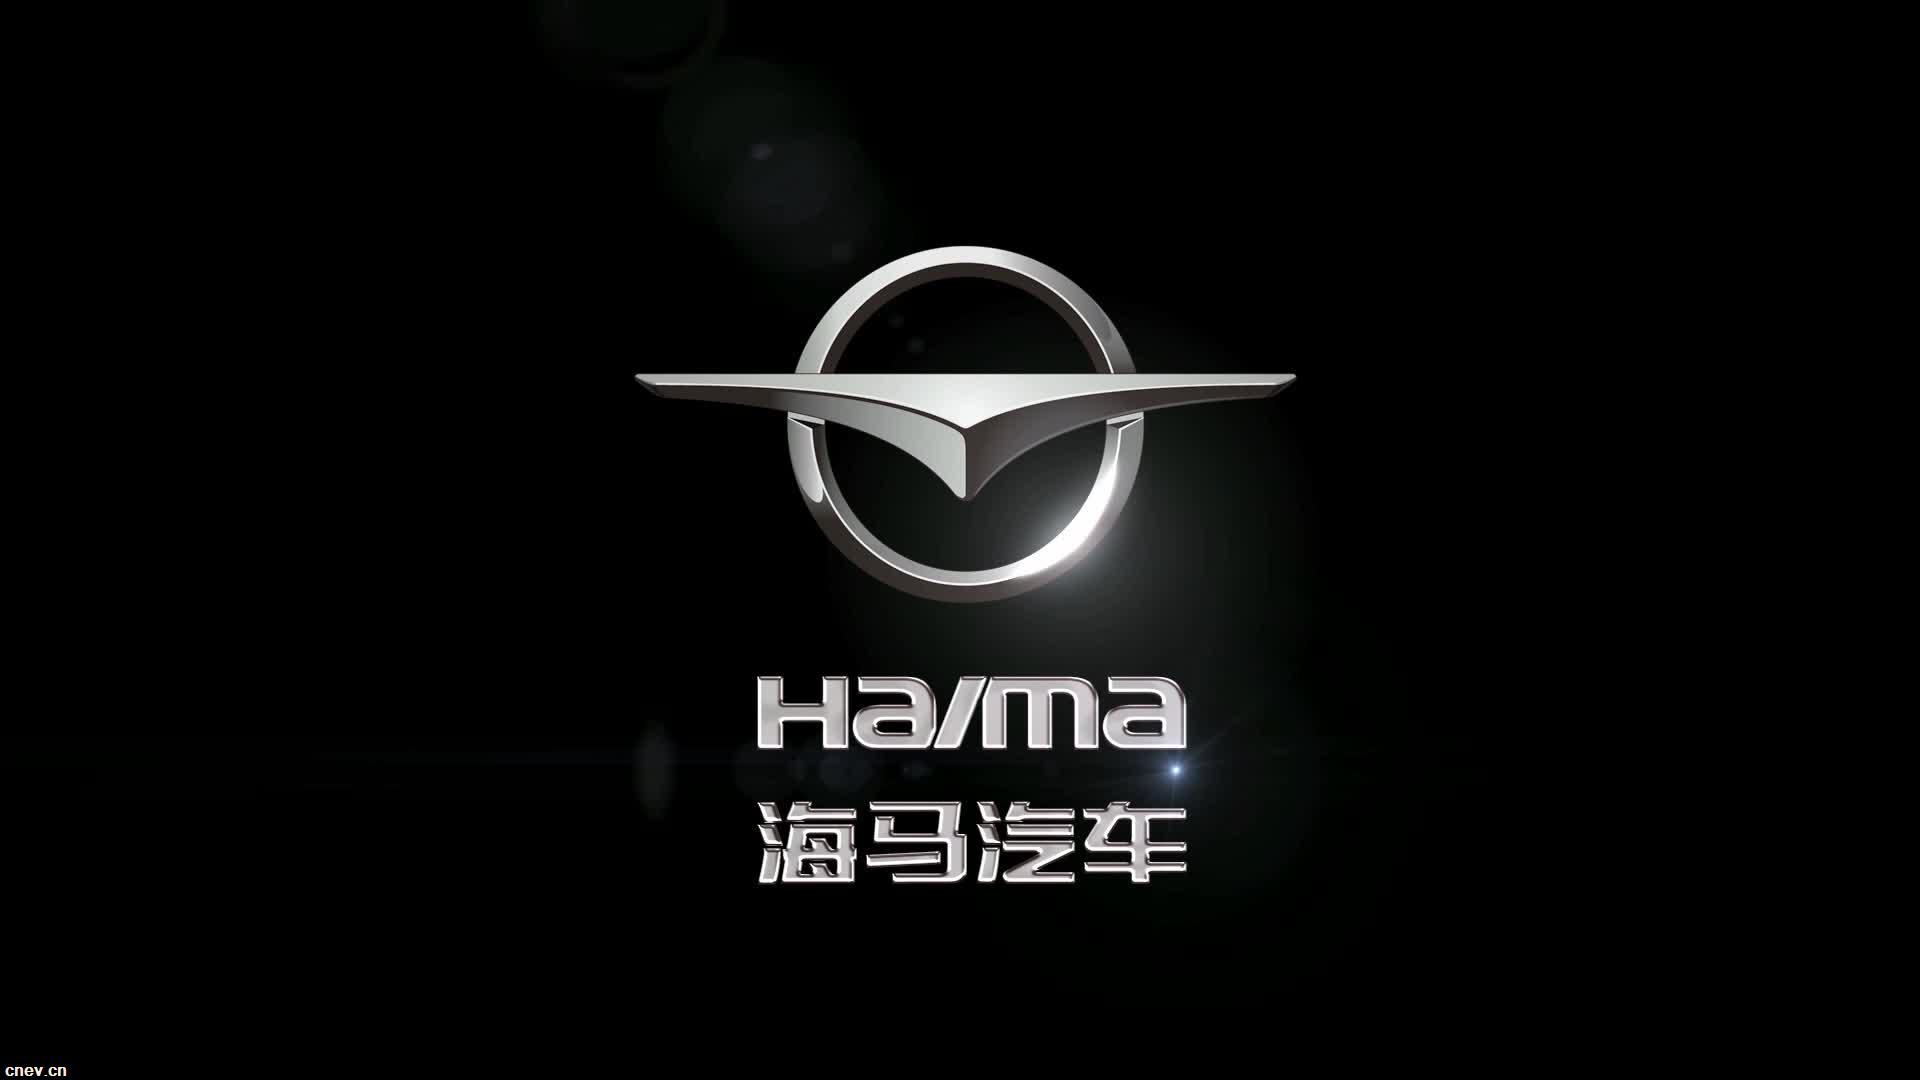 海马将斥资6.1亿元新增5万辆电动轿车生产能力